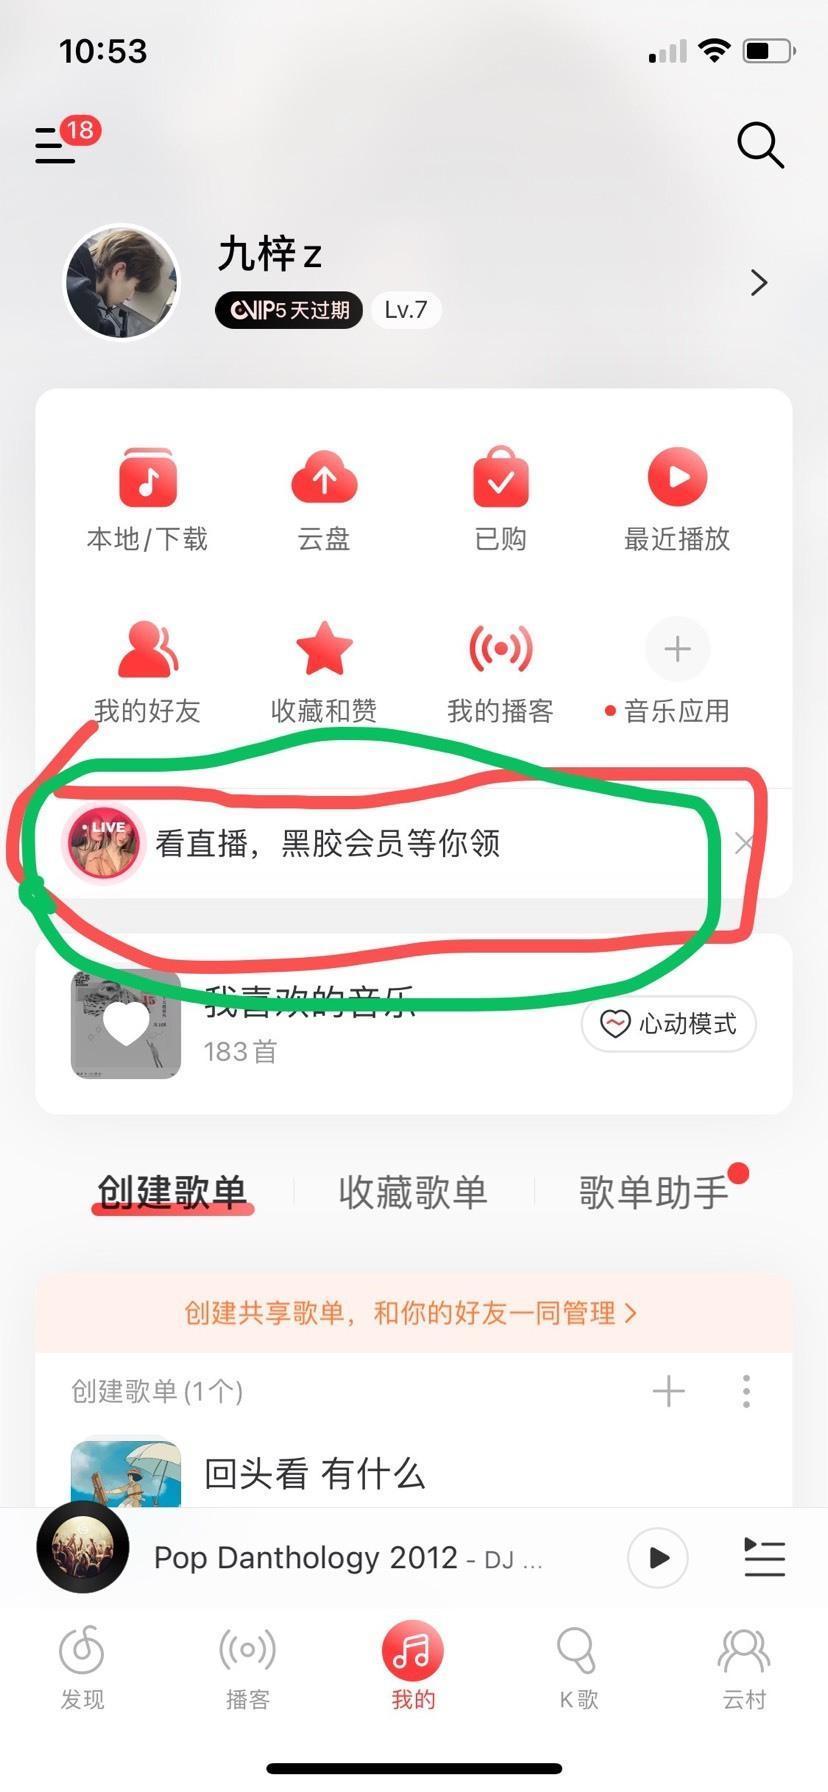 【虚拟物品】网易云音乐白嫖10天黑胶VIP